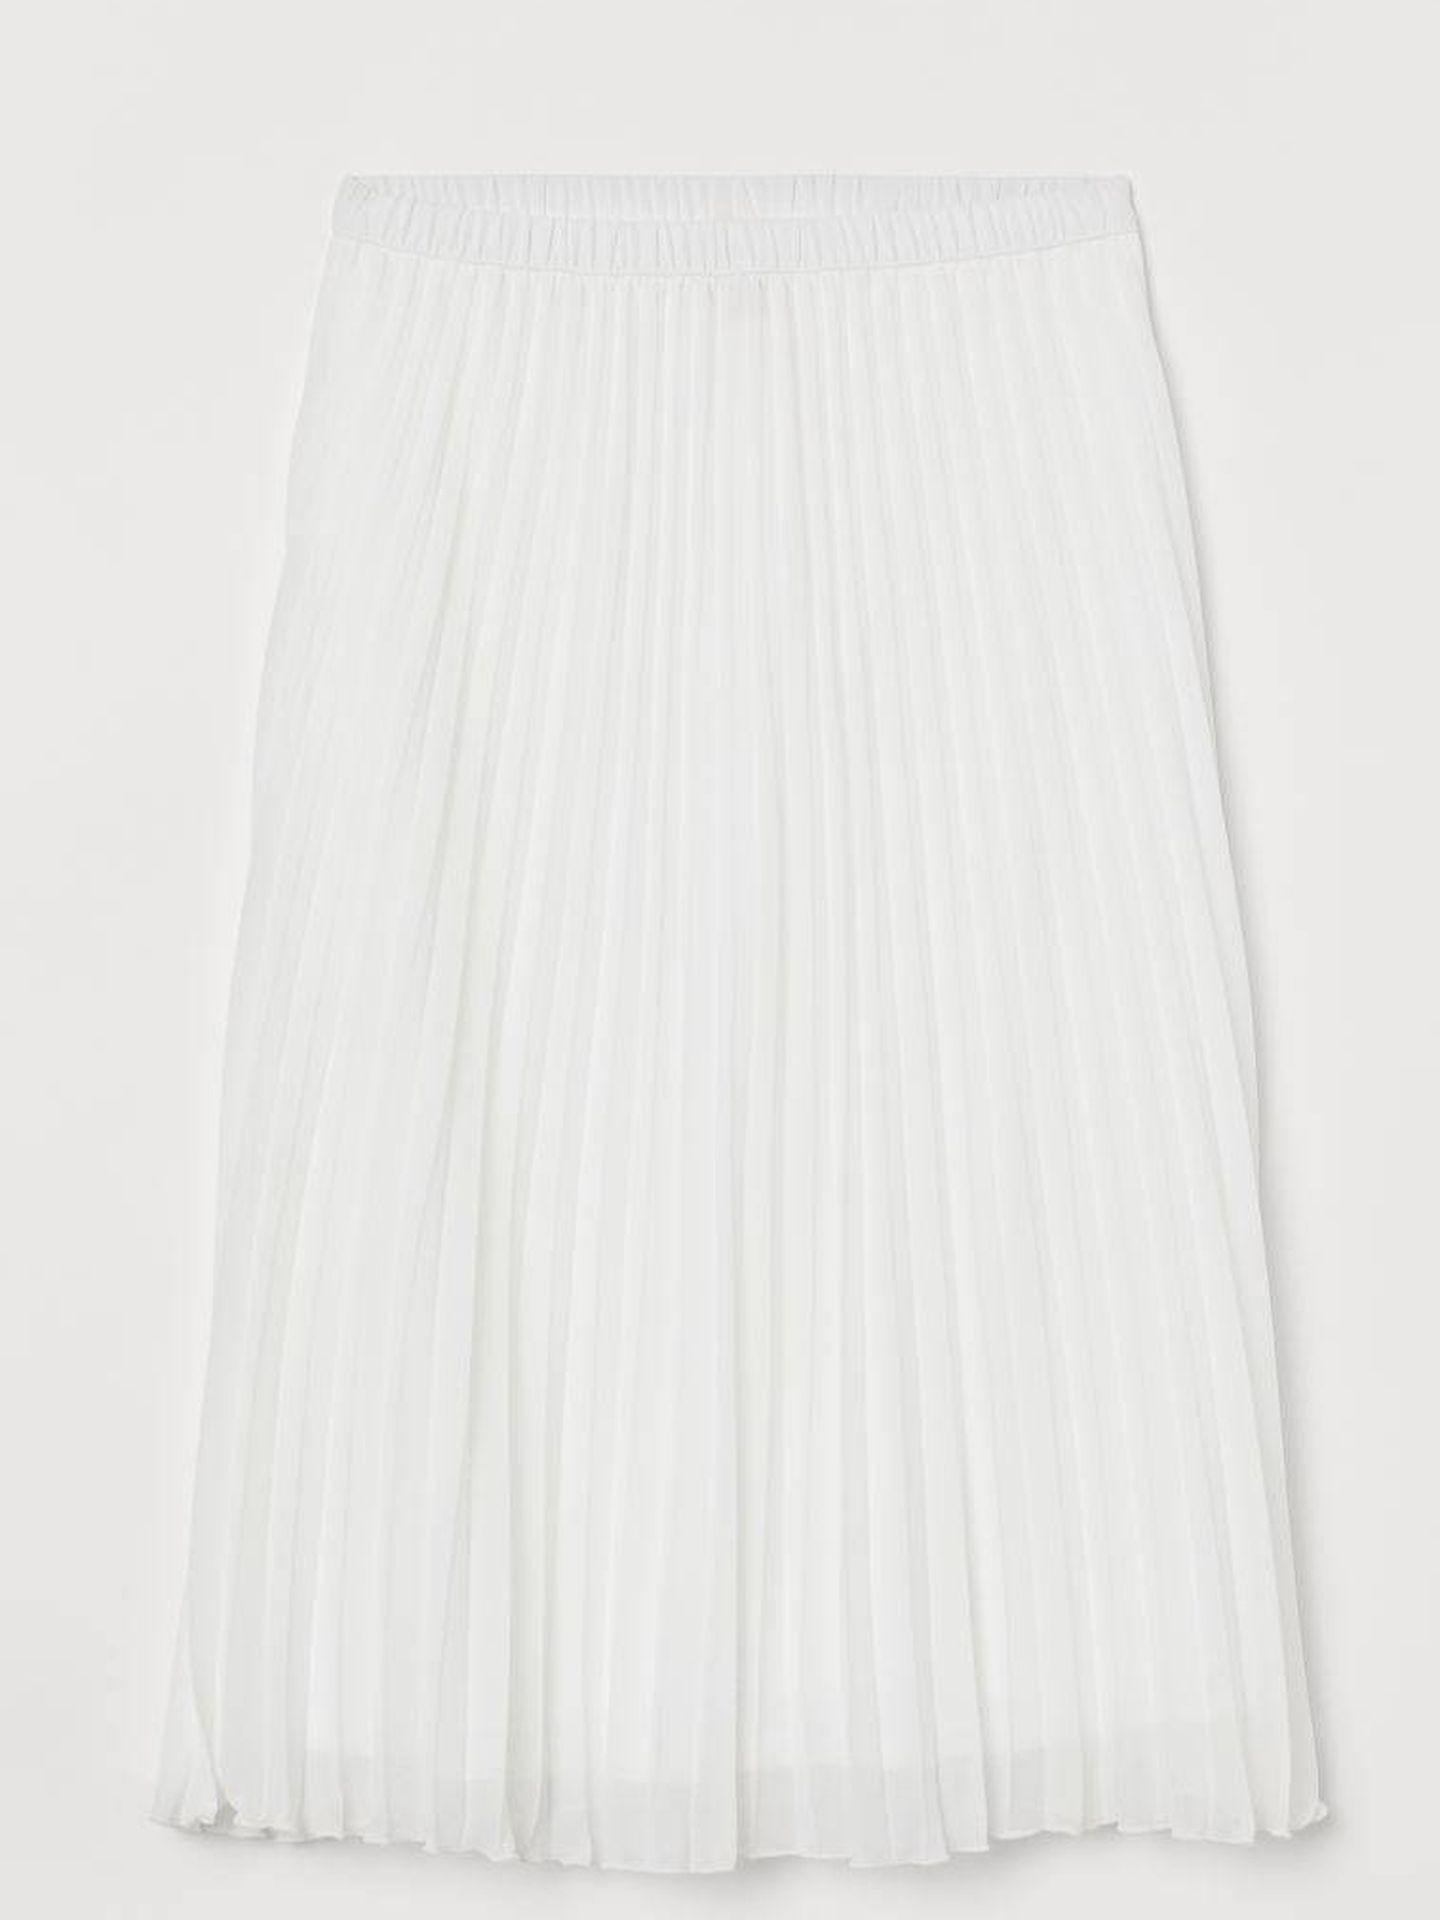 Falda plisada de HyM. (Cortesía)